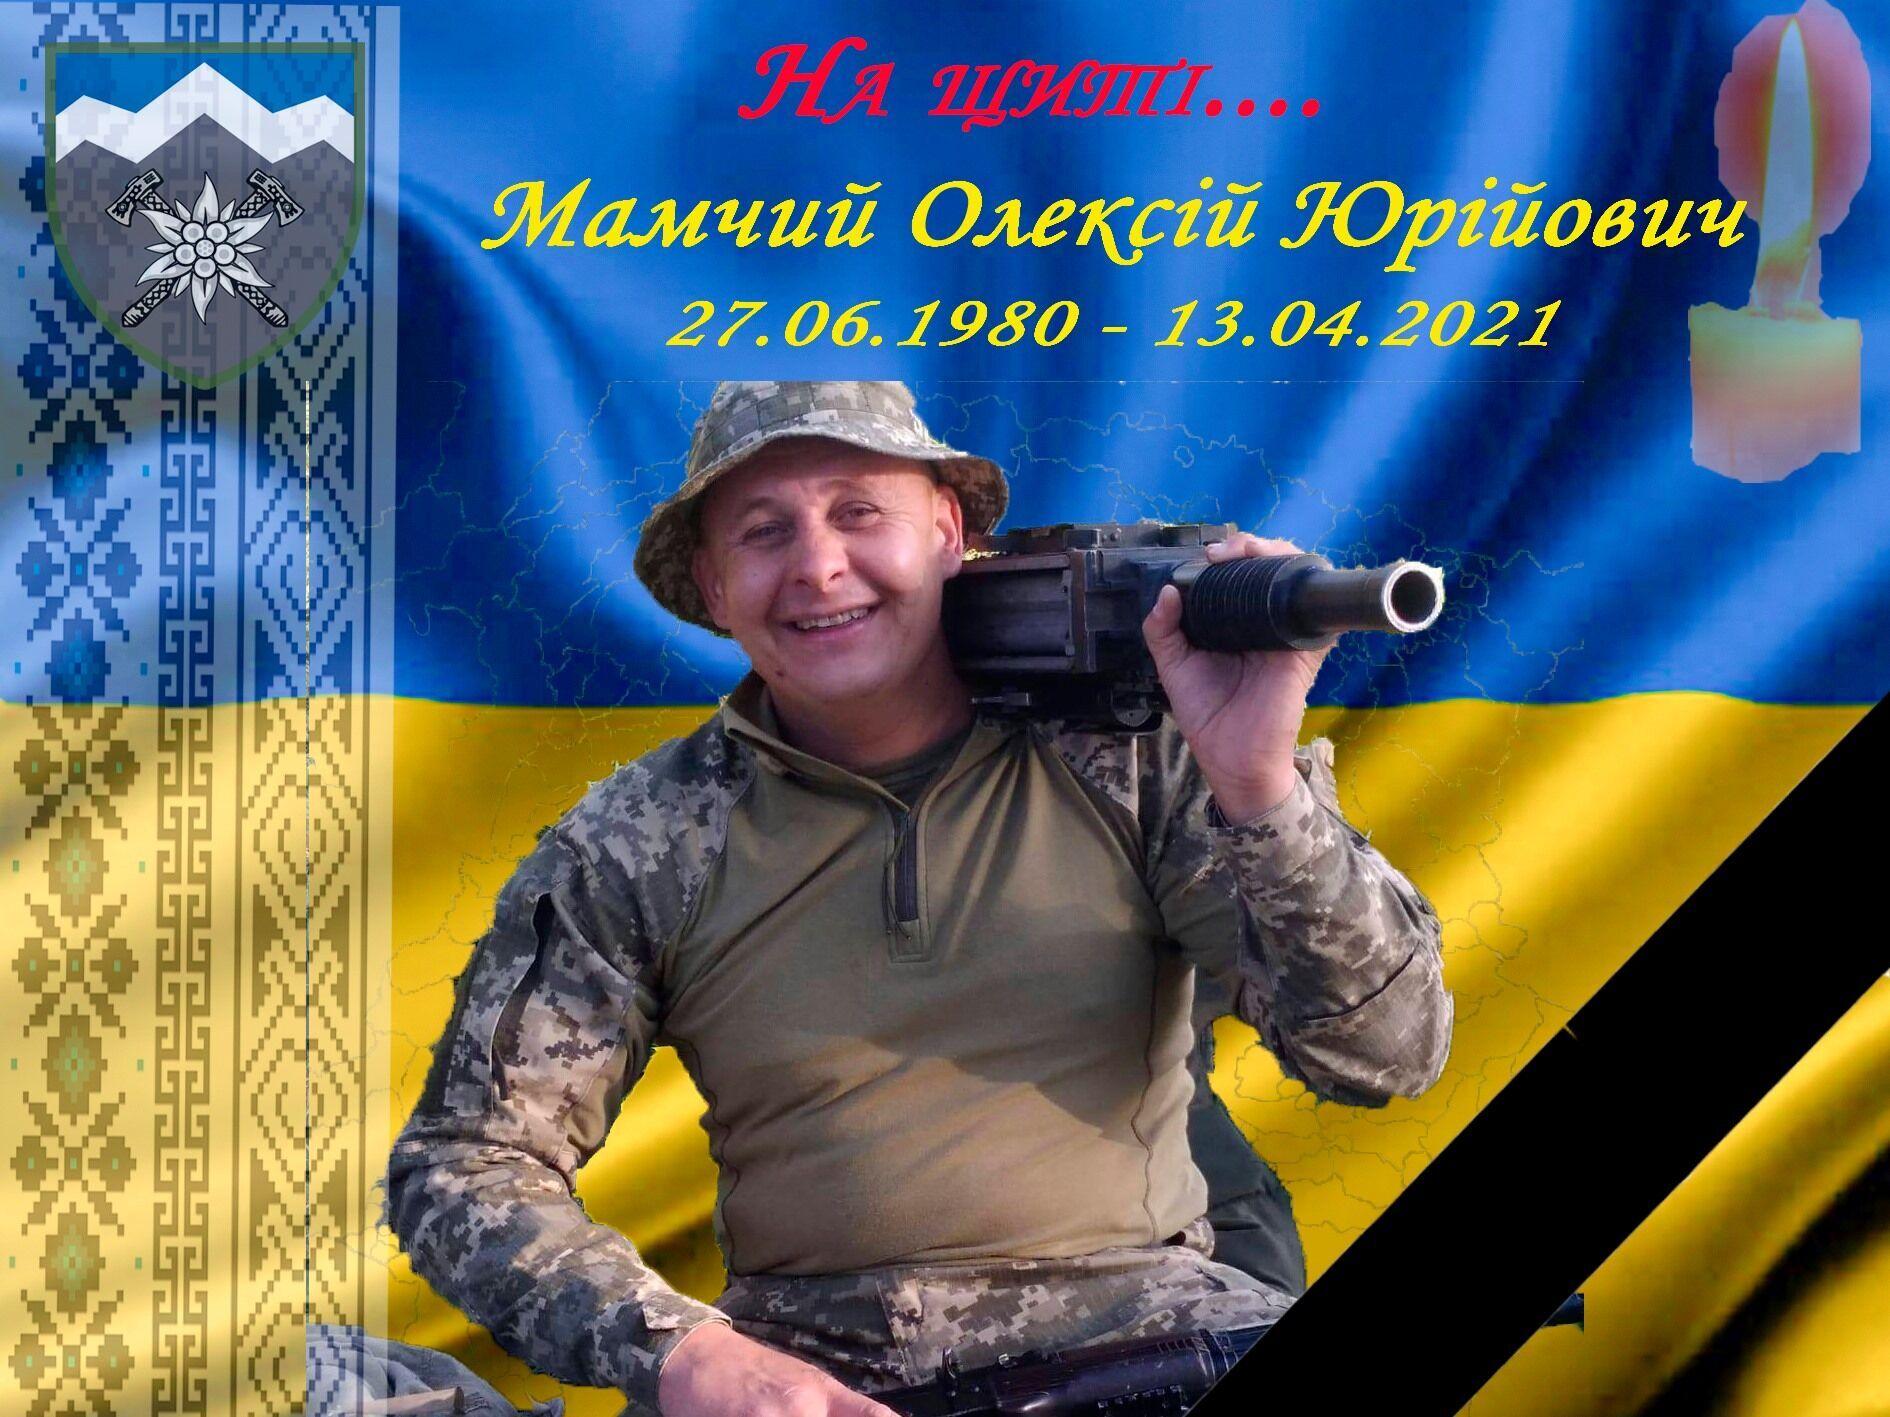 Загиблий Олексій Мамчій